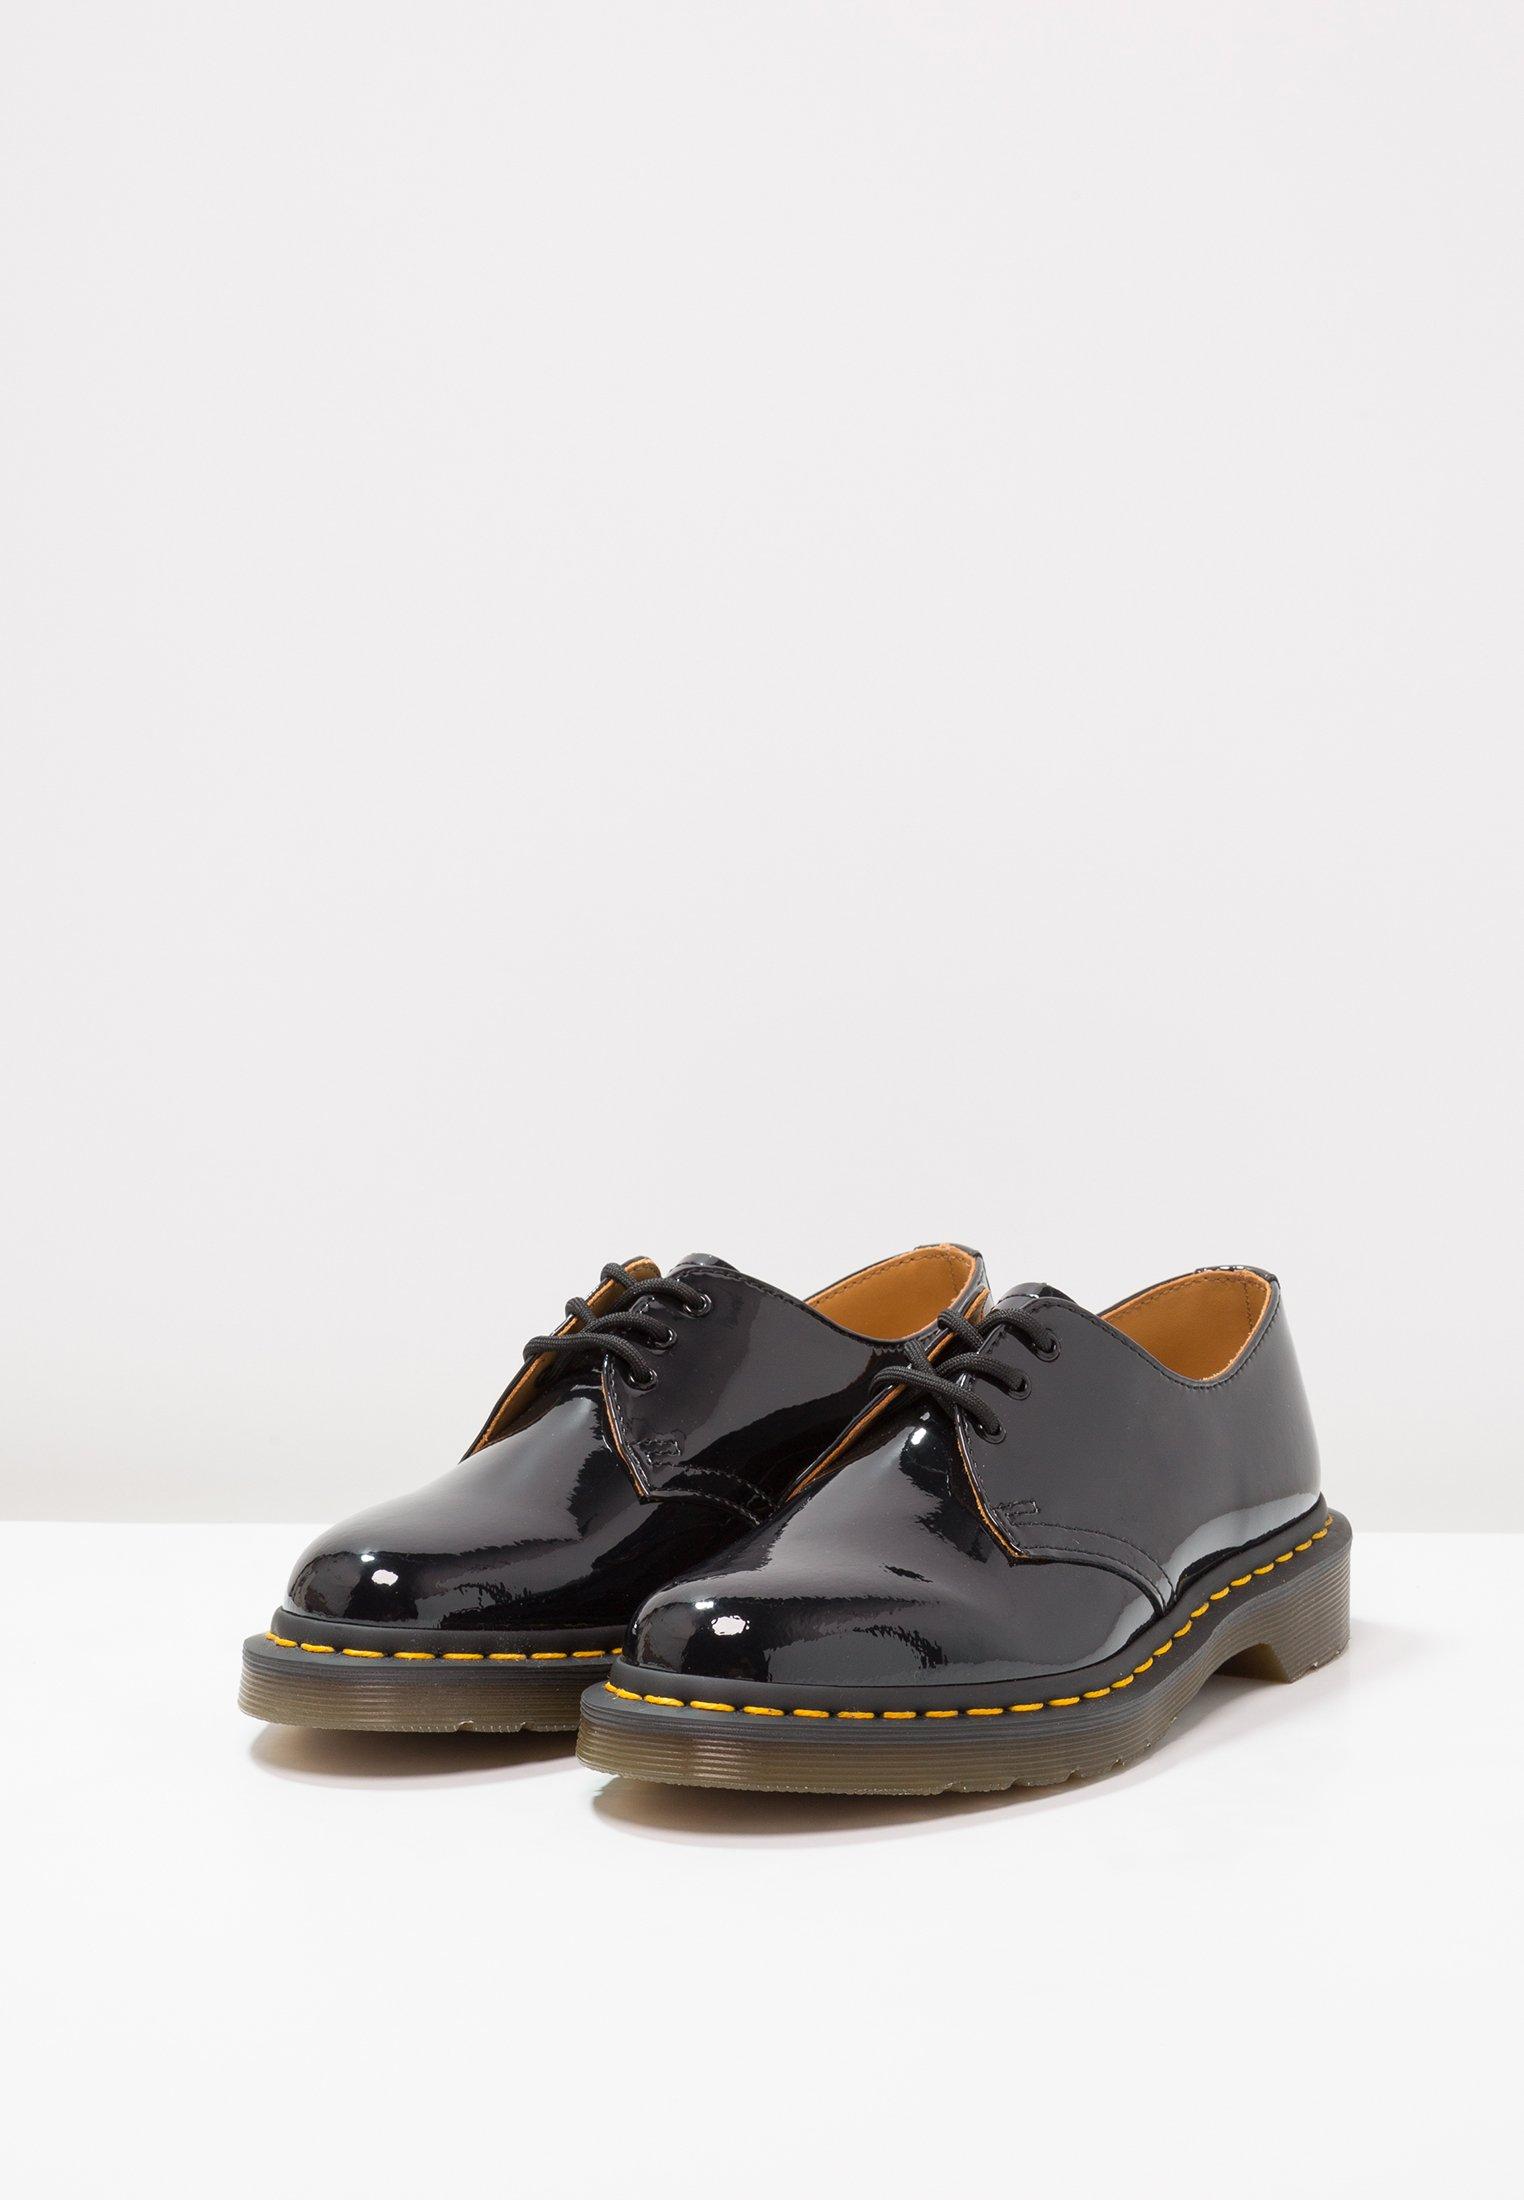 Dr. Martens 1461 3 Eye Shoe Patent Lamper - Snörskor Black